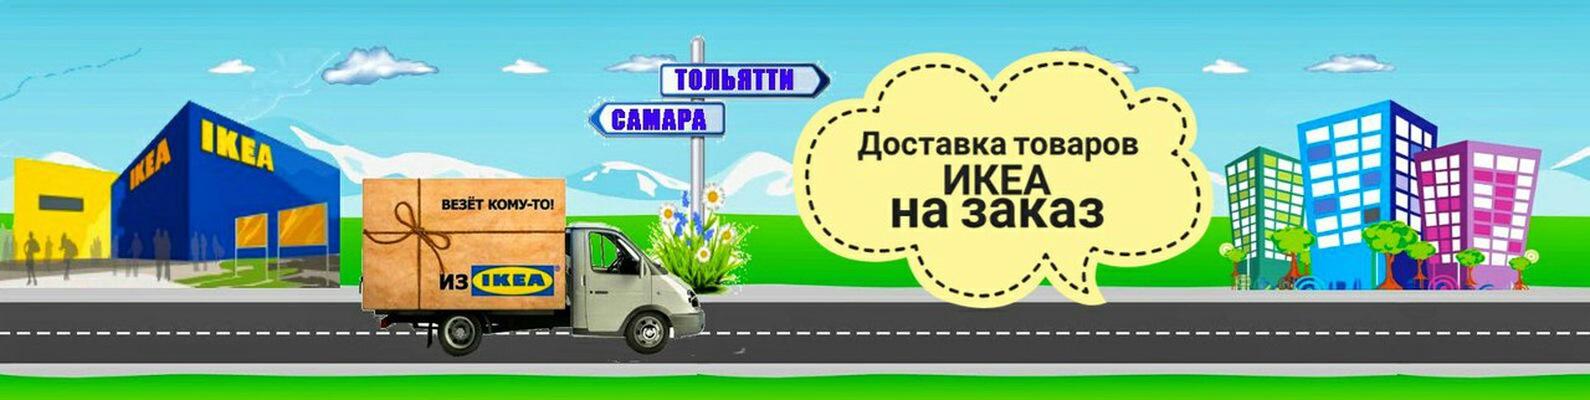 икеа доставка тольятти вконтакте